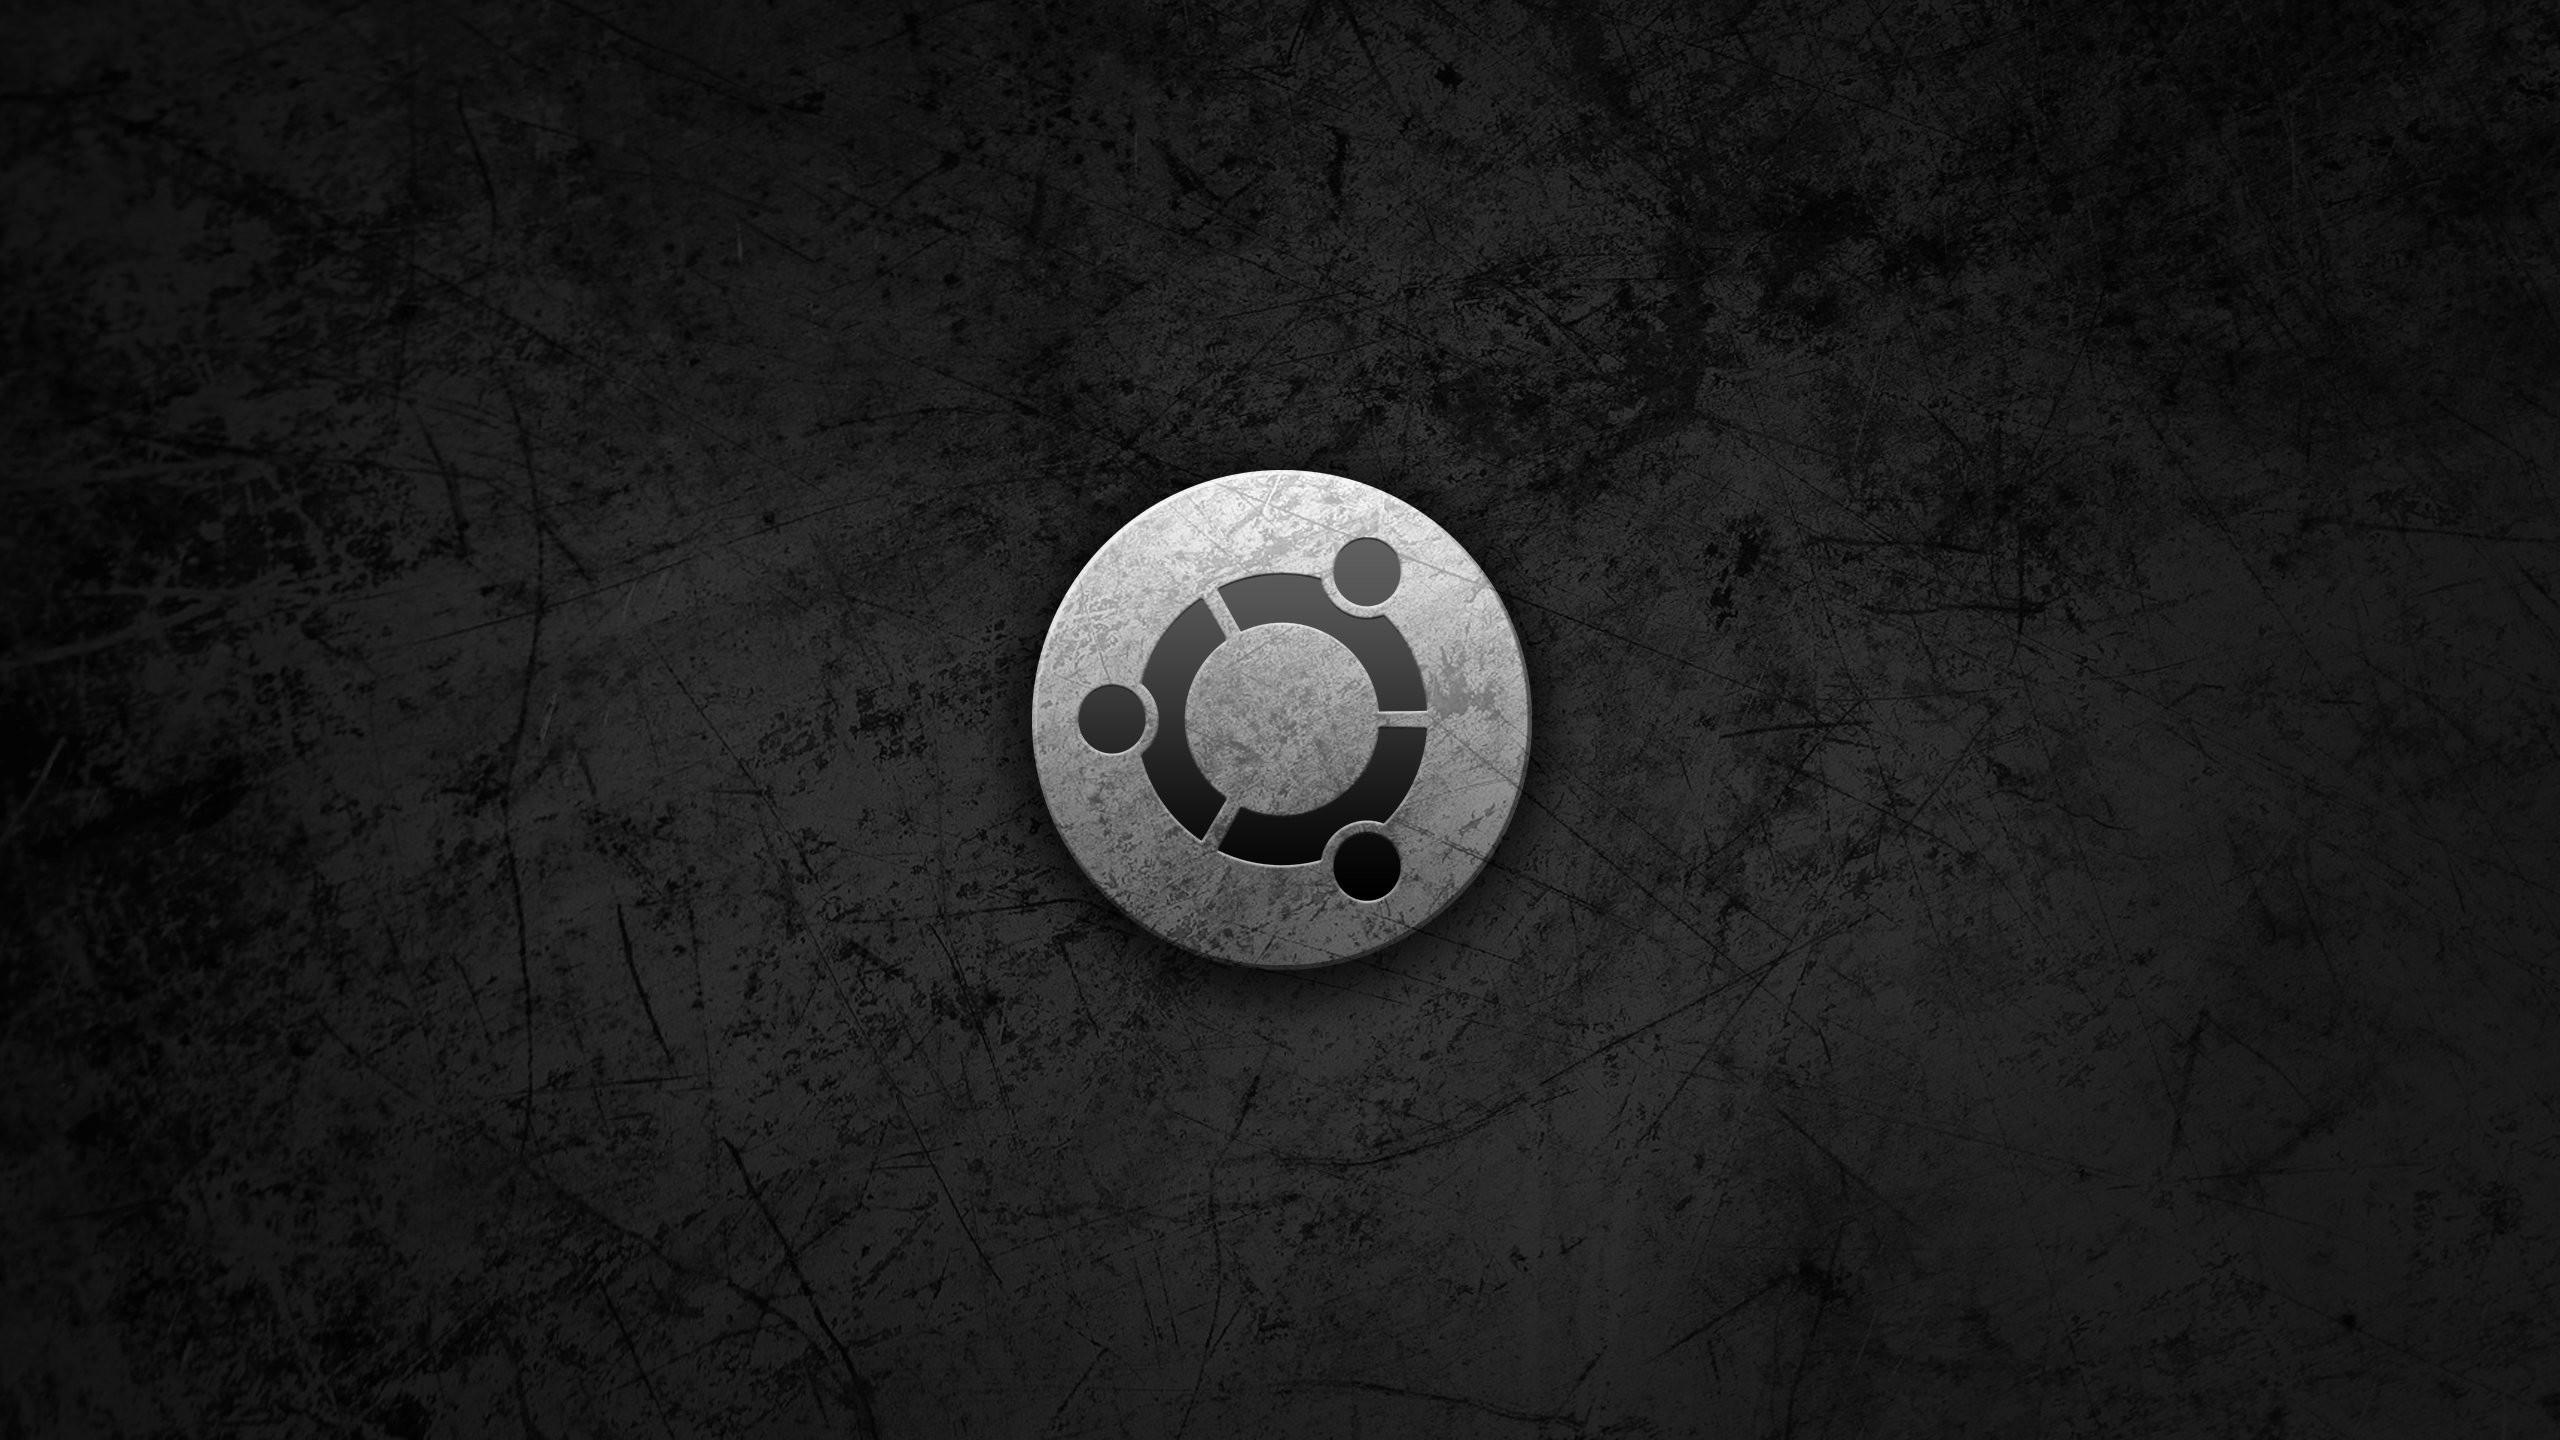 Preview wallpaper ubuntu, gray, black, circle, logo, symbol 2560×1440